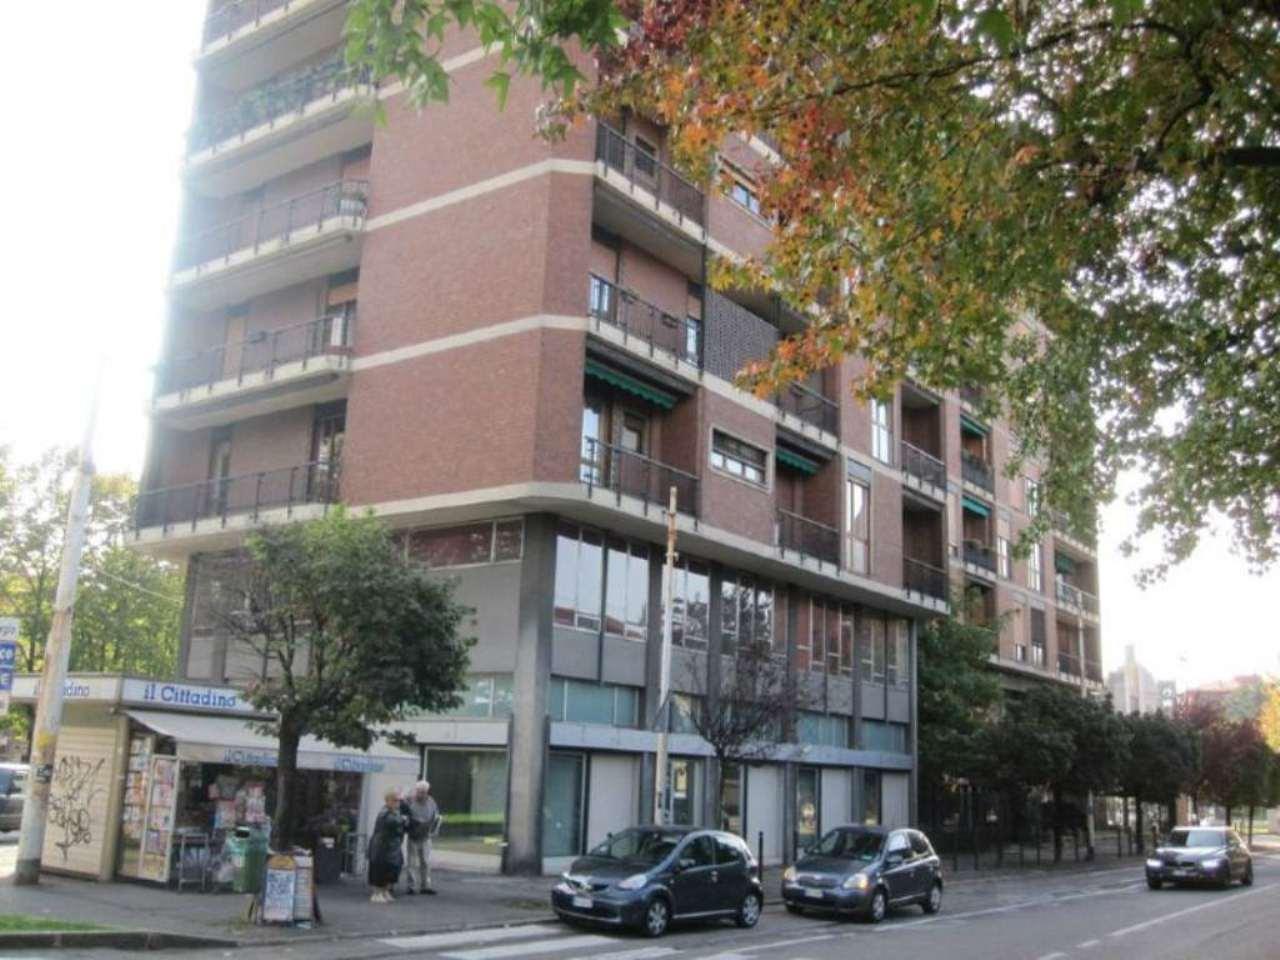 Ufficio / Studio in vendita a Desio, 2 locali, prezzo € 110.000 | Cambio Casa.it